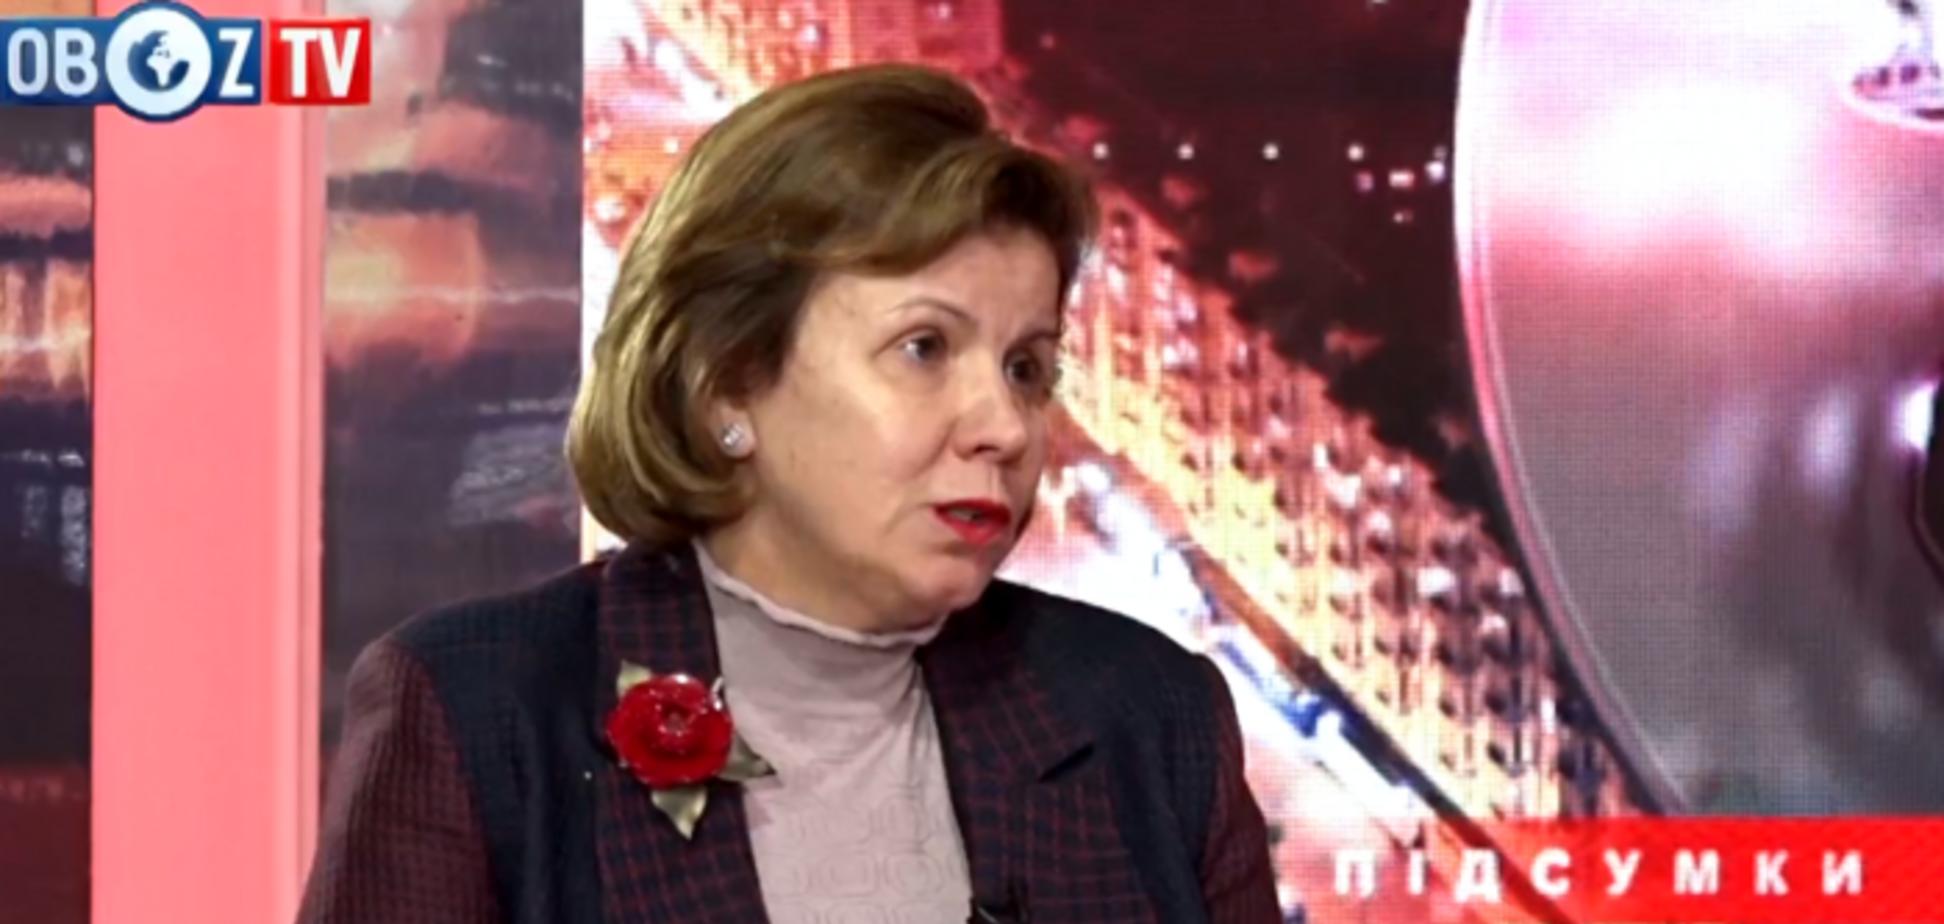 Імпічмент президента: Ставнійчук заявила про існування юридичного механізму